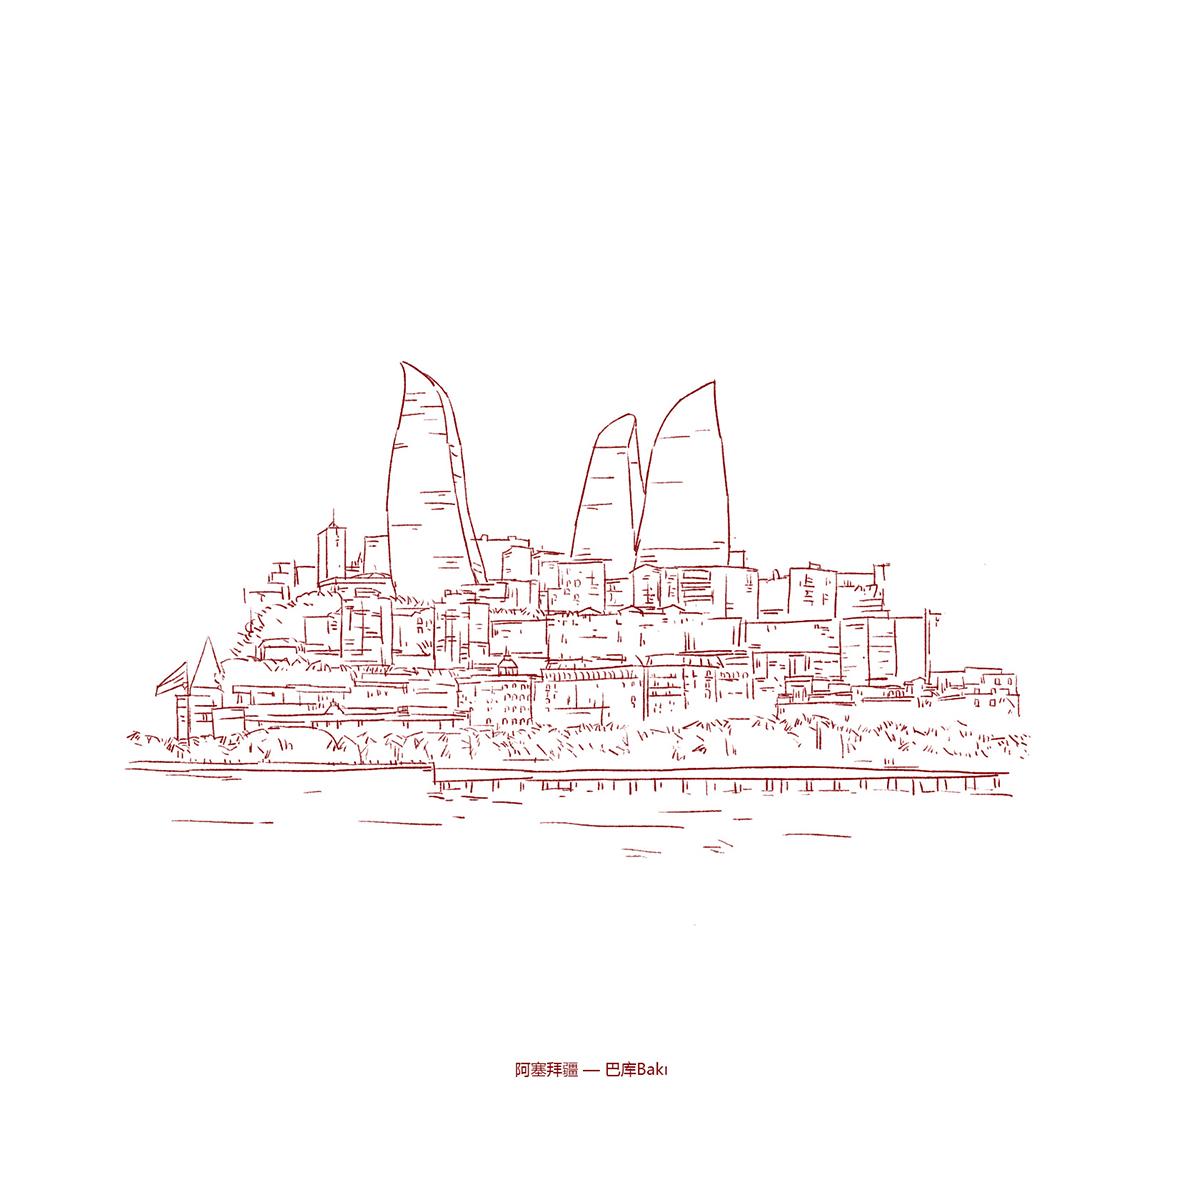 简笔画 设计 矢量 矢量图 手绘 素材 线稿 1181_1181